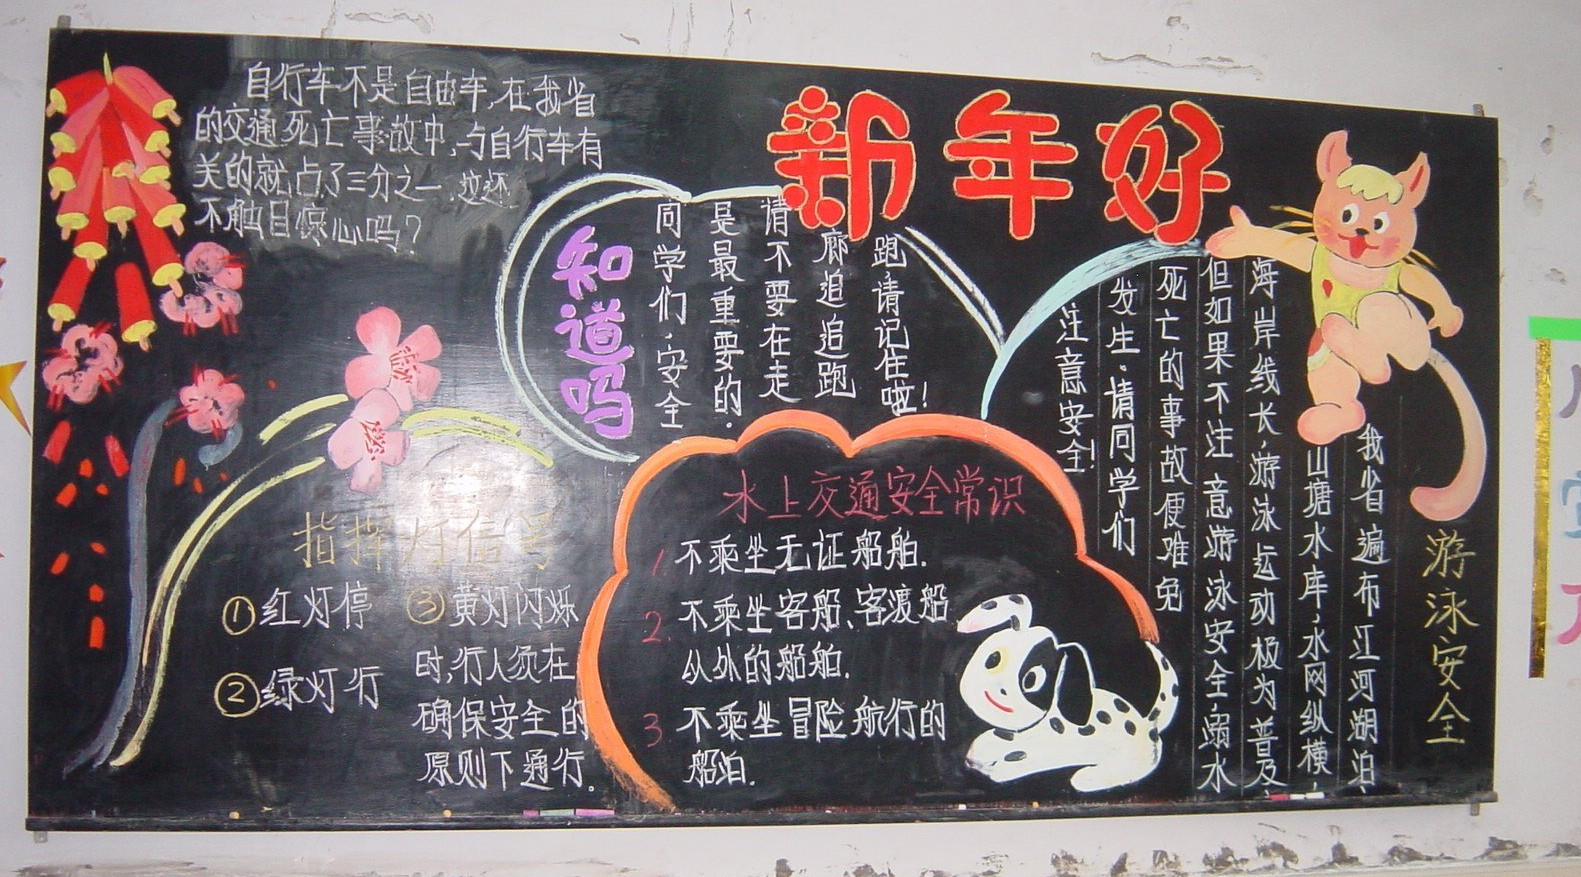 小学生庆元旦黑板报:寒假安全知识-小学生庆元旦黑板报 欢庆元旦 歌